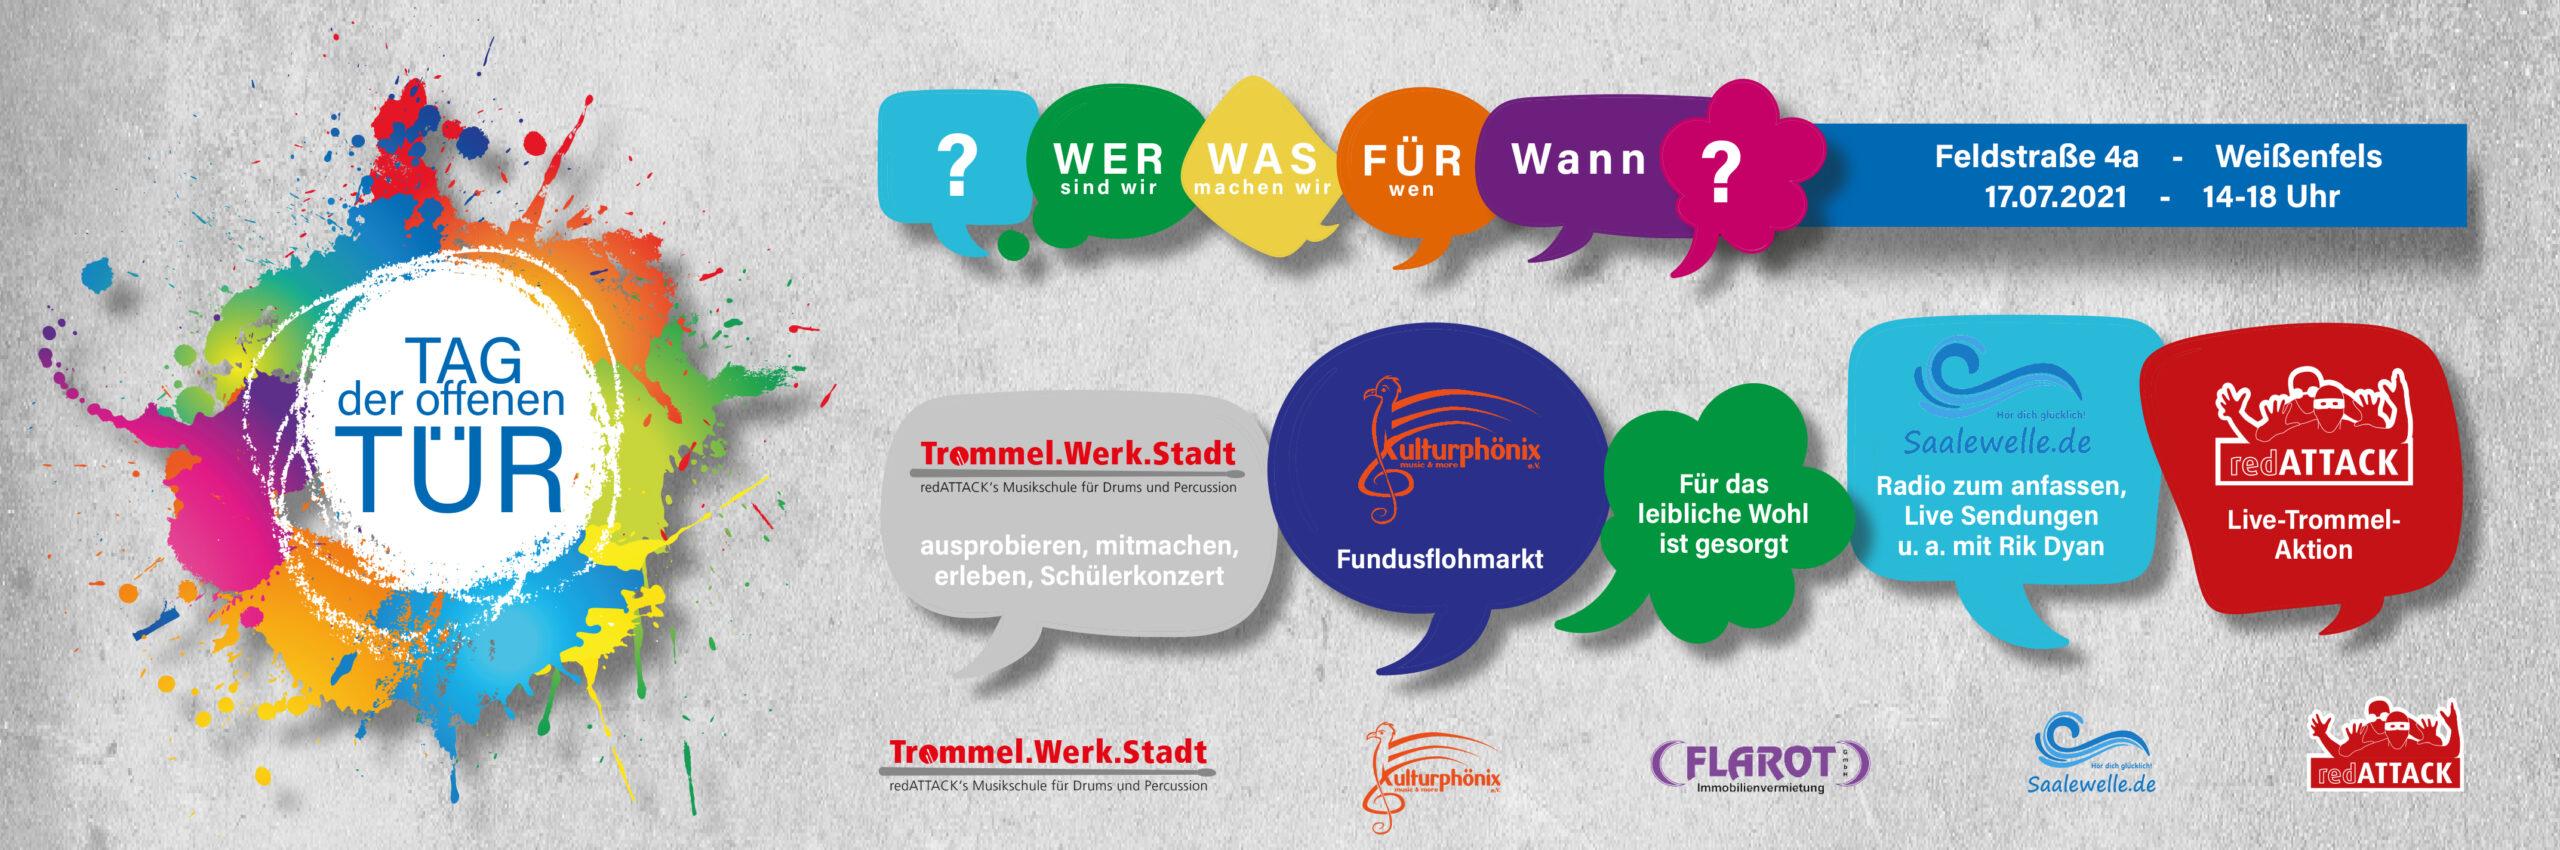 10044_Webseite_Slide_TagderoffenenTür_17072021